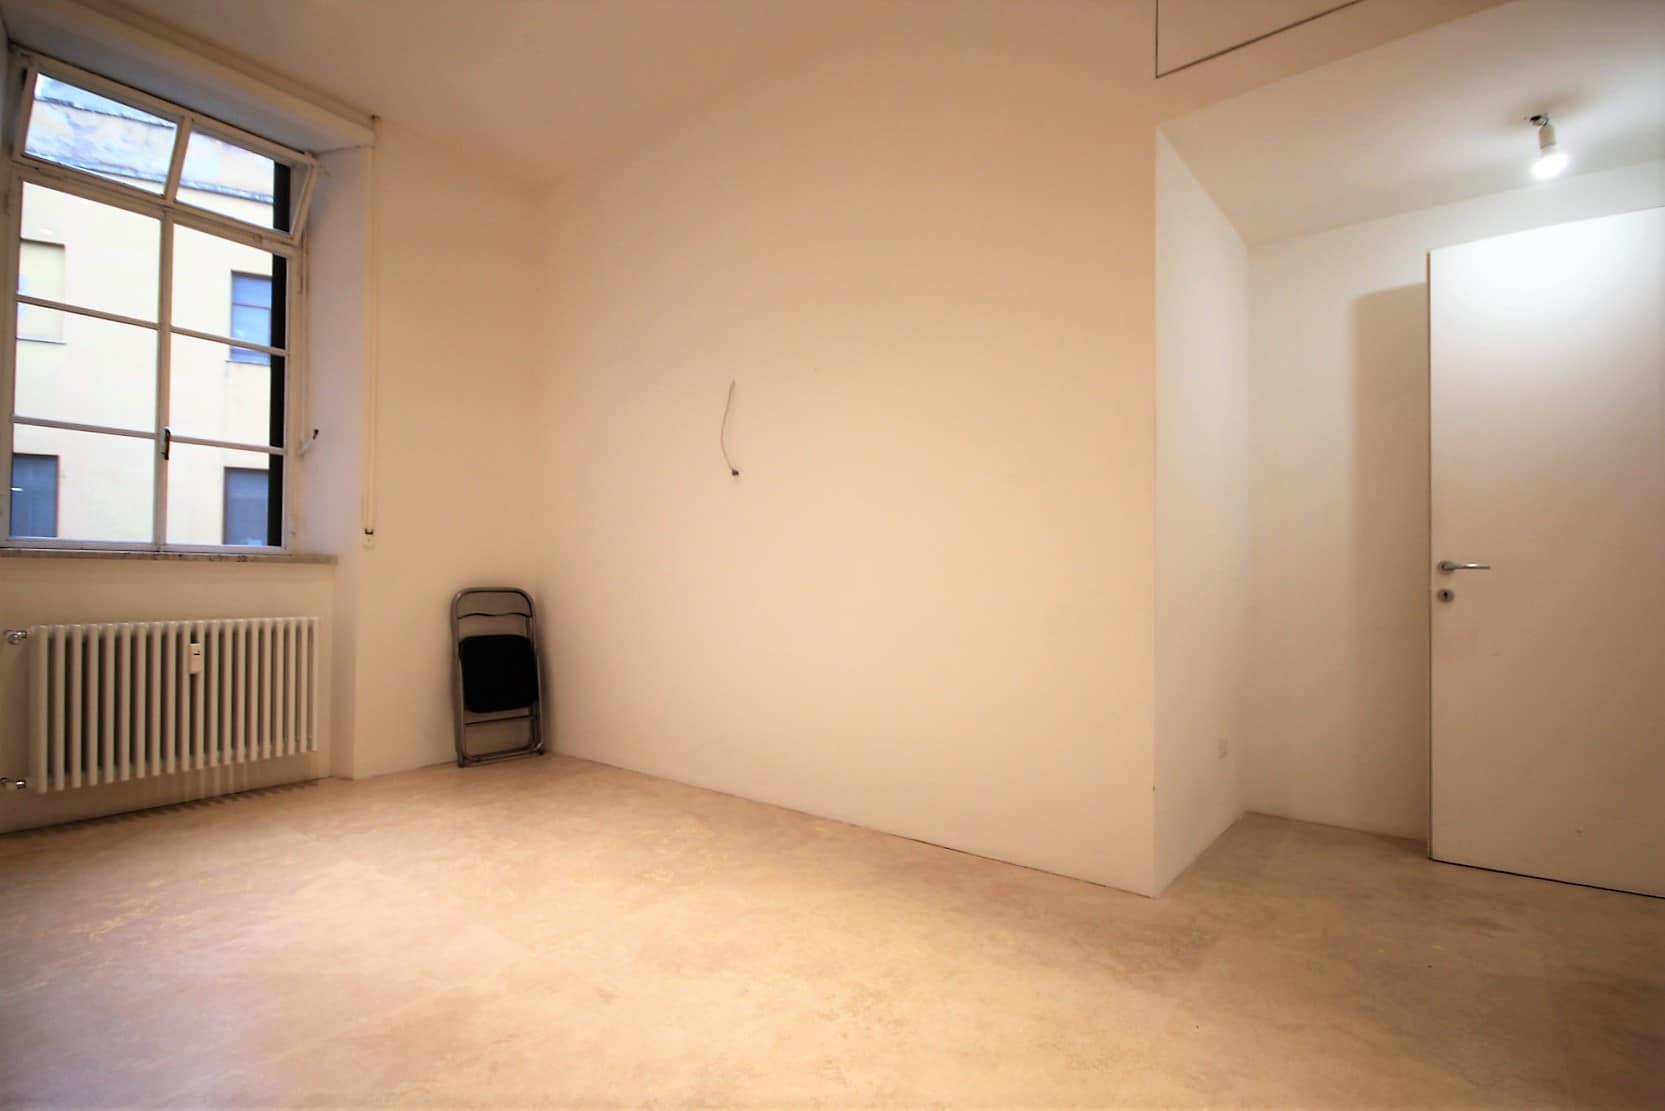 Appartamento Ristrutturato Panoramico con Terrazzo e Posto Auto